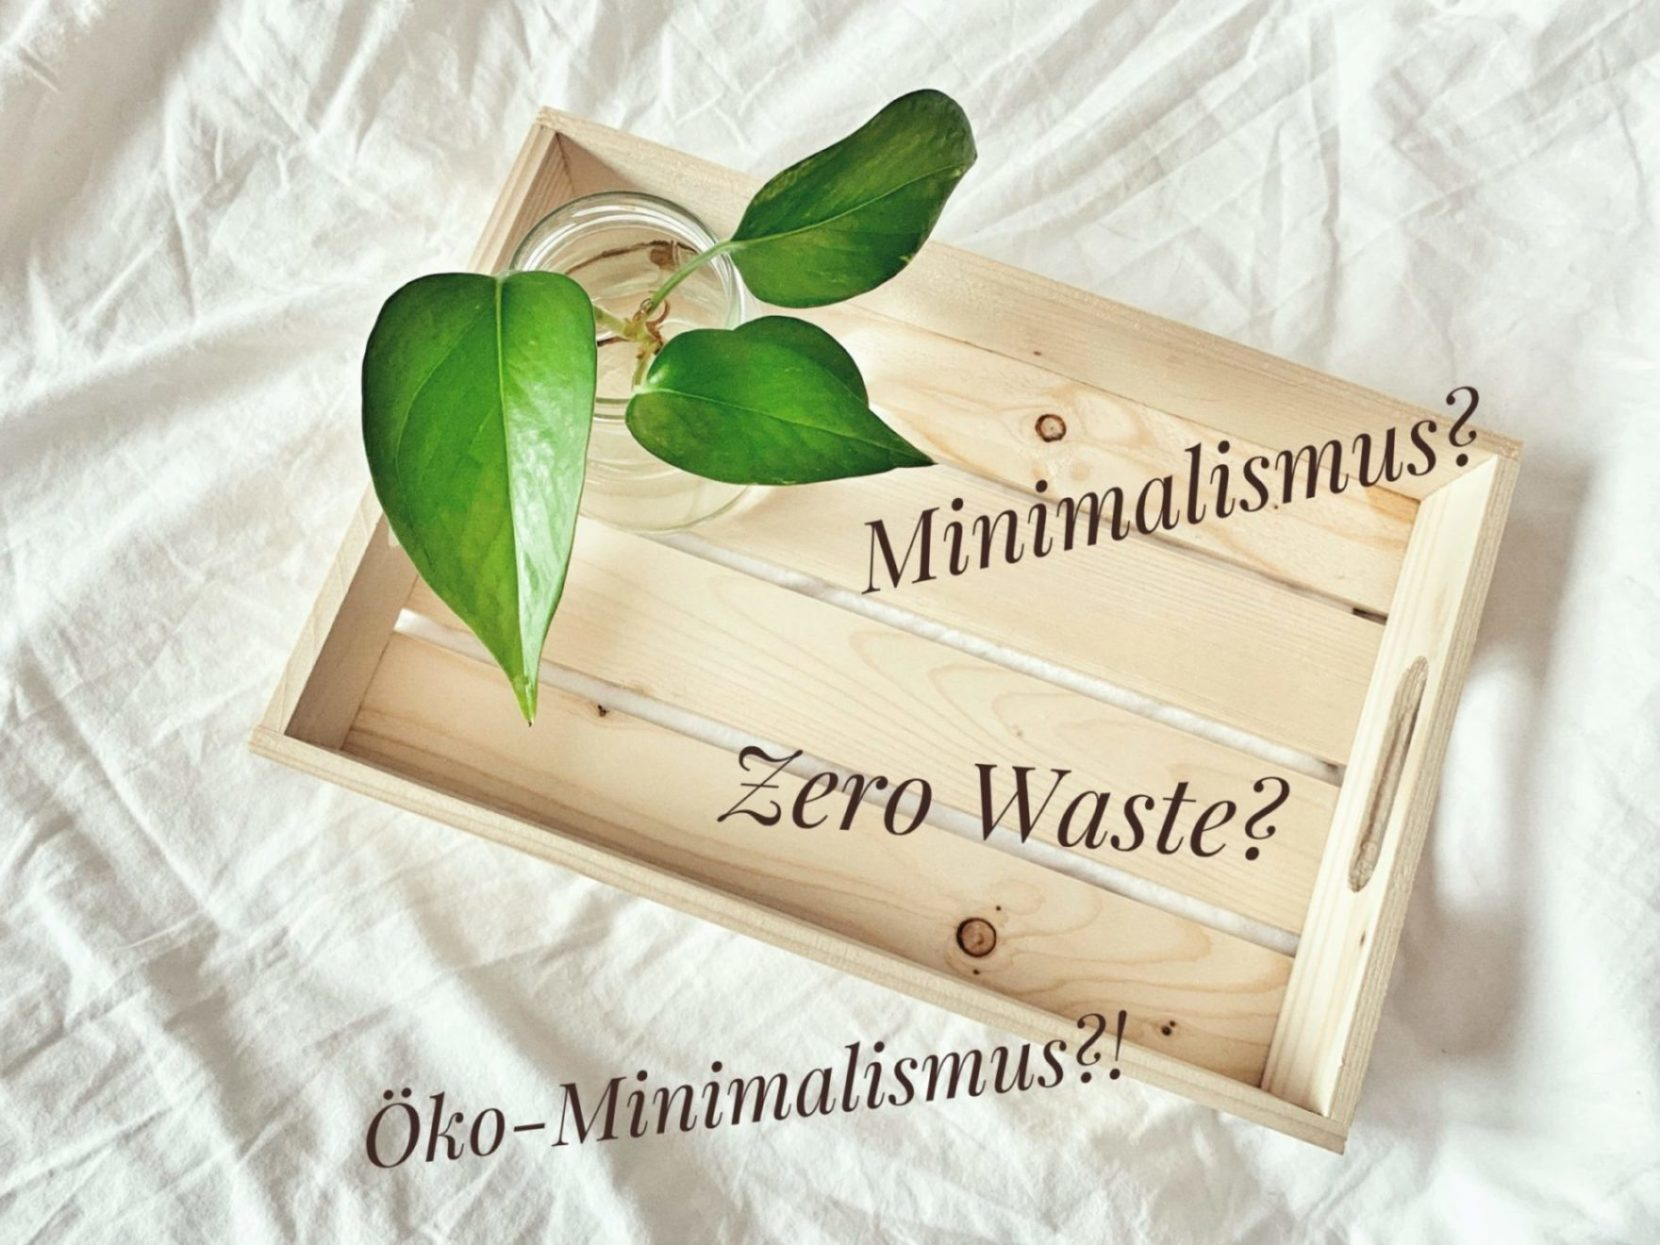 Minimalismus, Zero Waste oder Öko-Minimalismus?! | Unterschiede & Gemeinsamkeiten